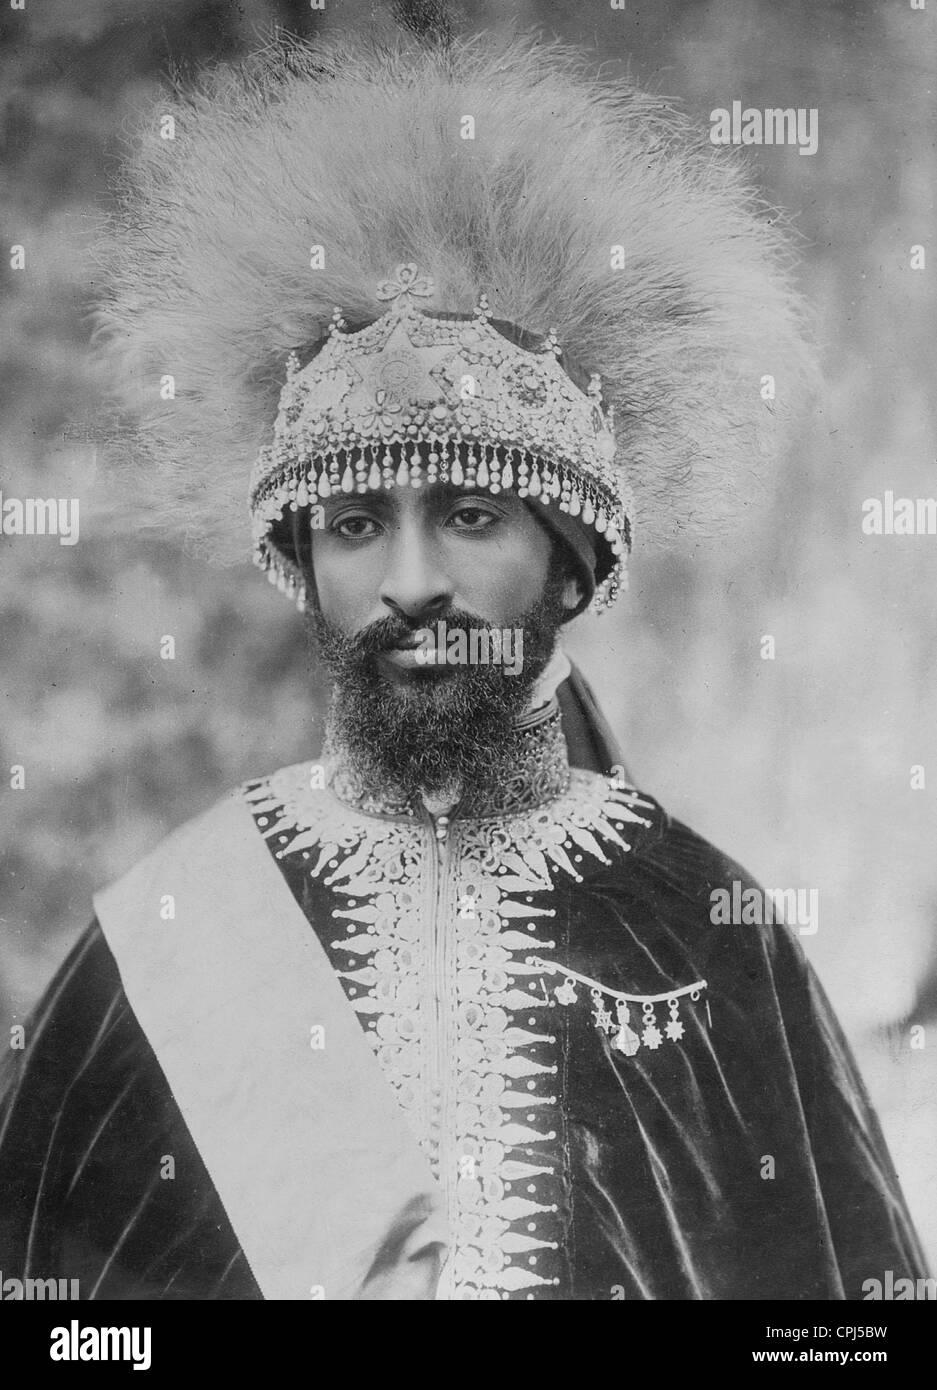 emperor Haile Selassie, 1930 Stock Photo: 48342557 - Alamy